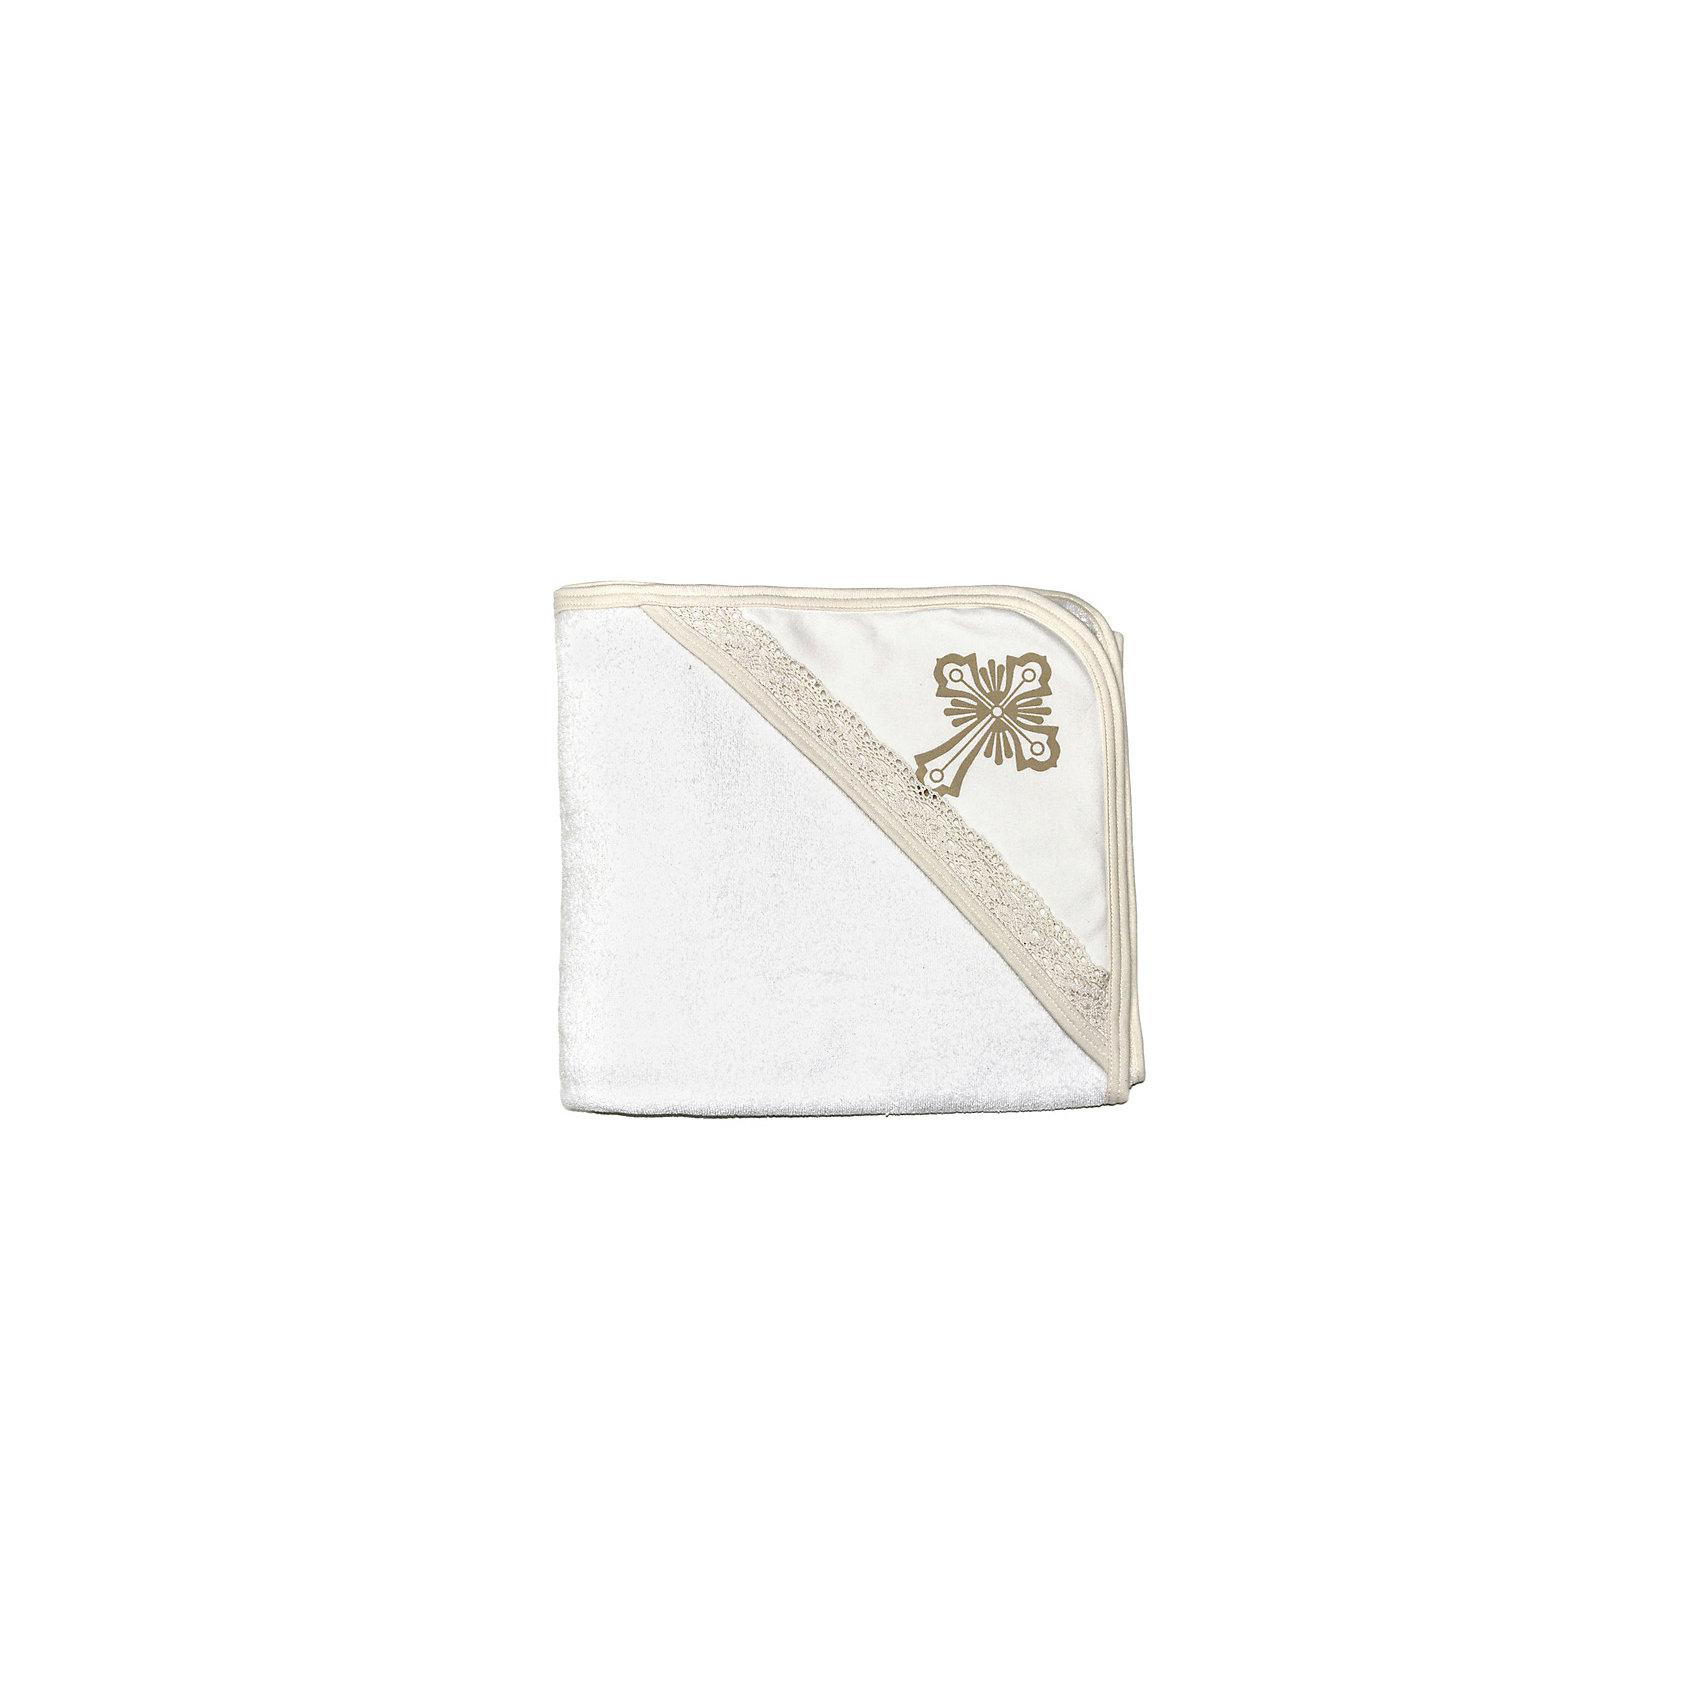 Крестильное полотенце с уголком 90*90, NewBorn, белый/золотоНаборы одежды, конверты на выписку<br>Крестильное полотенце с уголком 90*90, NewBorn (НьюБорн)<br>Мягкое крестильное полотенце, изготовленное из хлопковой ткани, прекрасно подойдет для таинства крещения. Полотенце оторочено тесьмой, уголок декорирован кружевом. Часть уголка, которая придется на лобик малыша, украшает искусно вышитый золотой крестик. Полотенце хорошо впитывает влагу и приятно для нежной кожи ребенка. Оно прекрасно смотрится как самостоятельно, так и в качестве одного из компонентов крестильного набора.<br><br>Дополнительная информация:<br><br>- Цвет: белый, золотой<br>- Состав: 100% хлопок<br>- Размер: 90х90 см.<br><br>Крестильное полотенце с уголком 90*90, NewBorn (НьюБорн) можно купить в нашем интернет-магазине.<br><br>Ширина мм: 200<br>Глубина мм: 200<br>Высота мм: 100<br>Вес г: 300<br>Возраст от месяцев: 0<br>Возраст до месяцев: 12<br>Пол: Унисекс<br>Возраст: Детский<br>SKU: 4889958